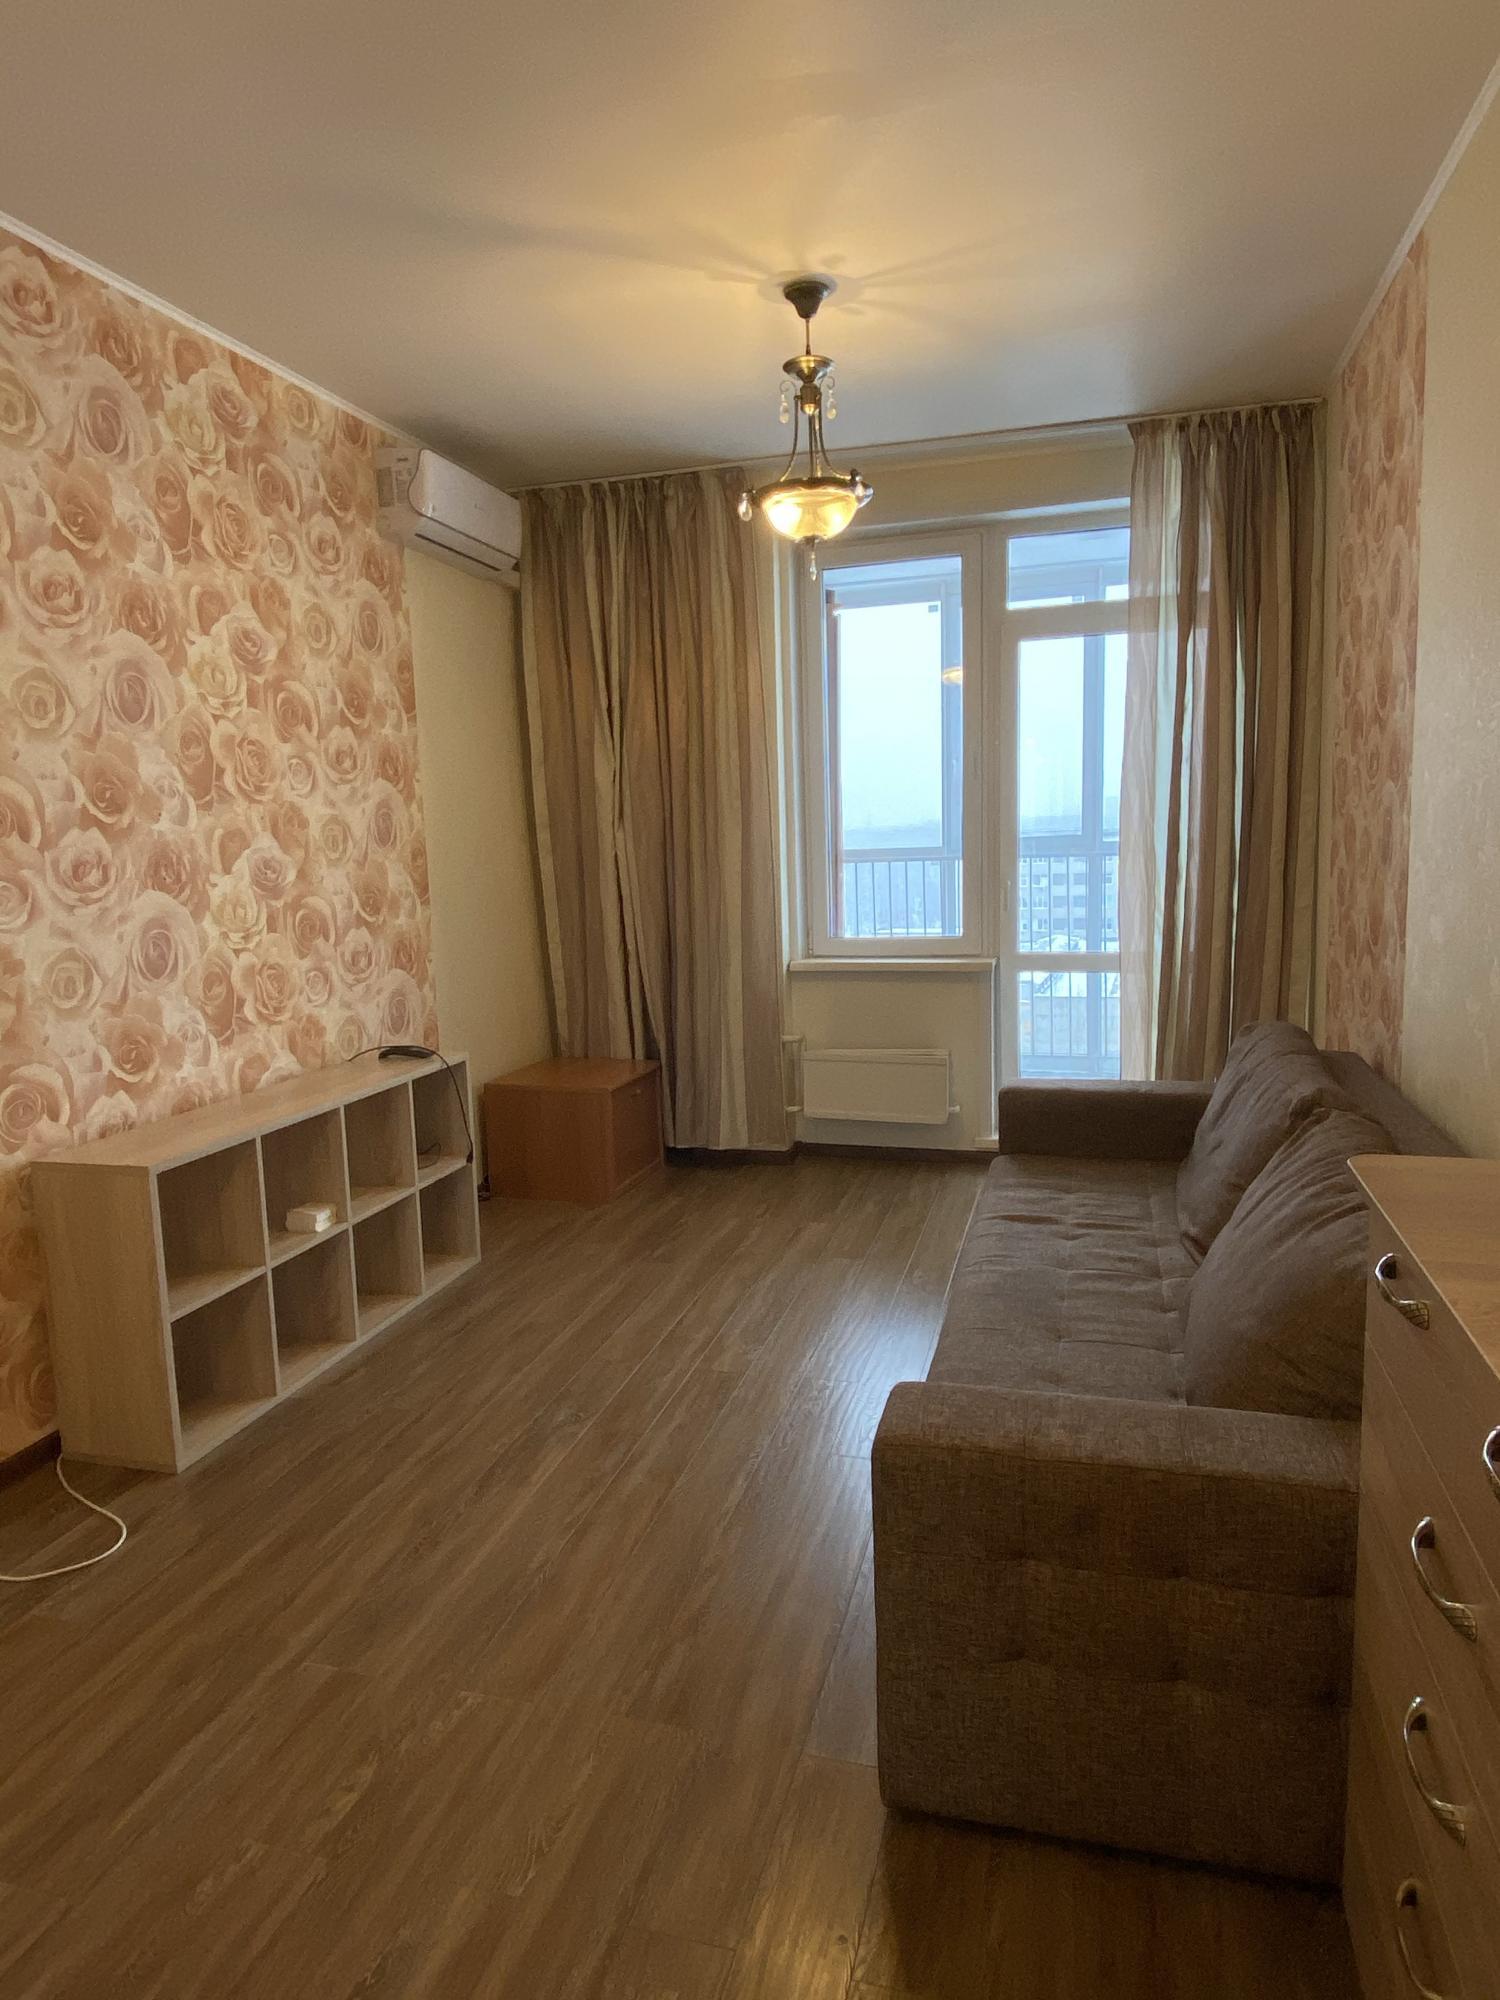 1к квартира улица Борисова, 40 | 16000 | аренда в Красноярске фото 0